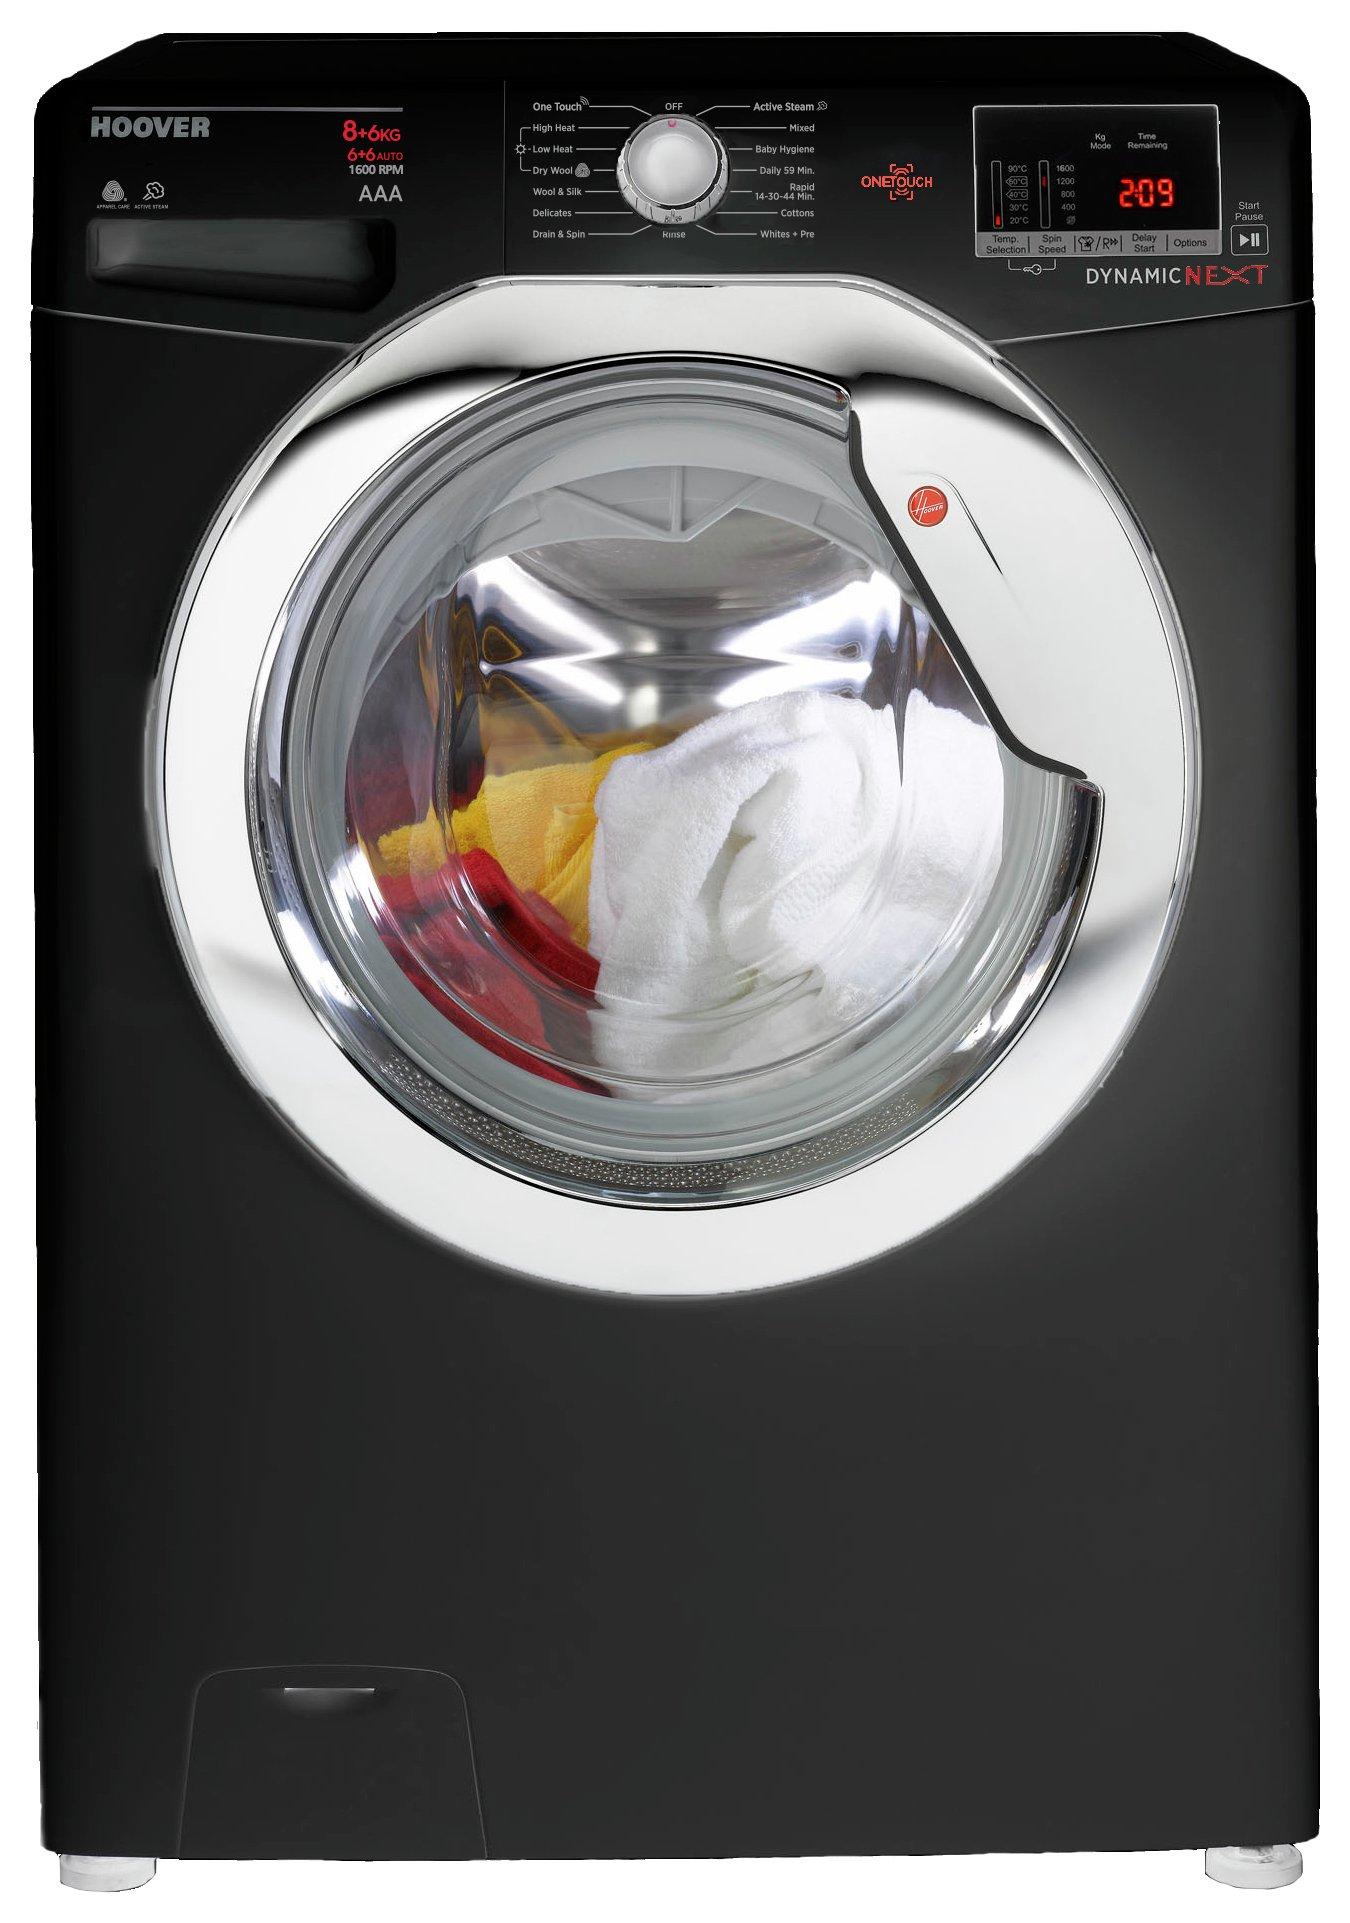 Hoover WDXOC686CB Washer Dryer - Black.